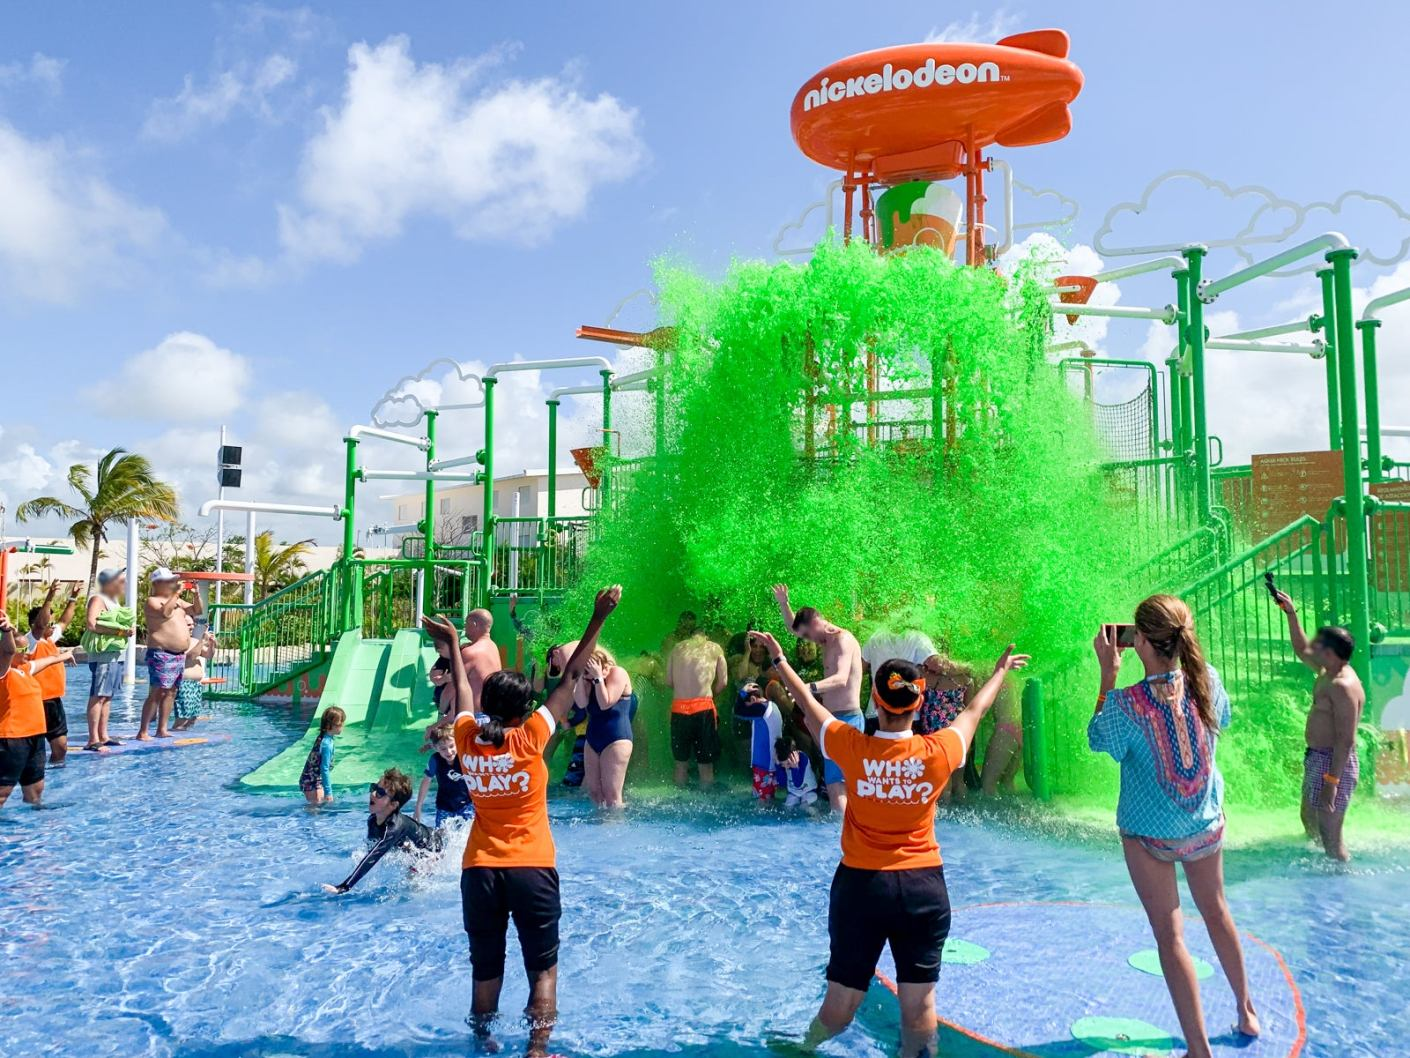 20190424_Nickelodeon-Resort-Punta-Cana_SMayerowitz-49